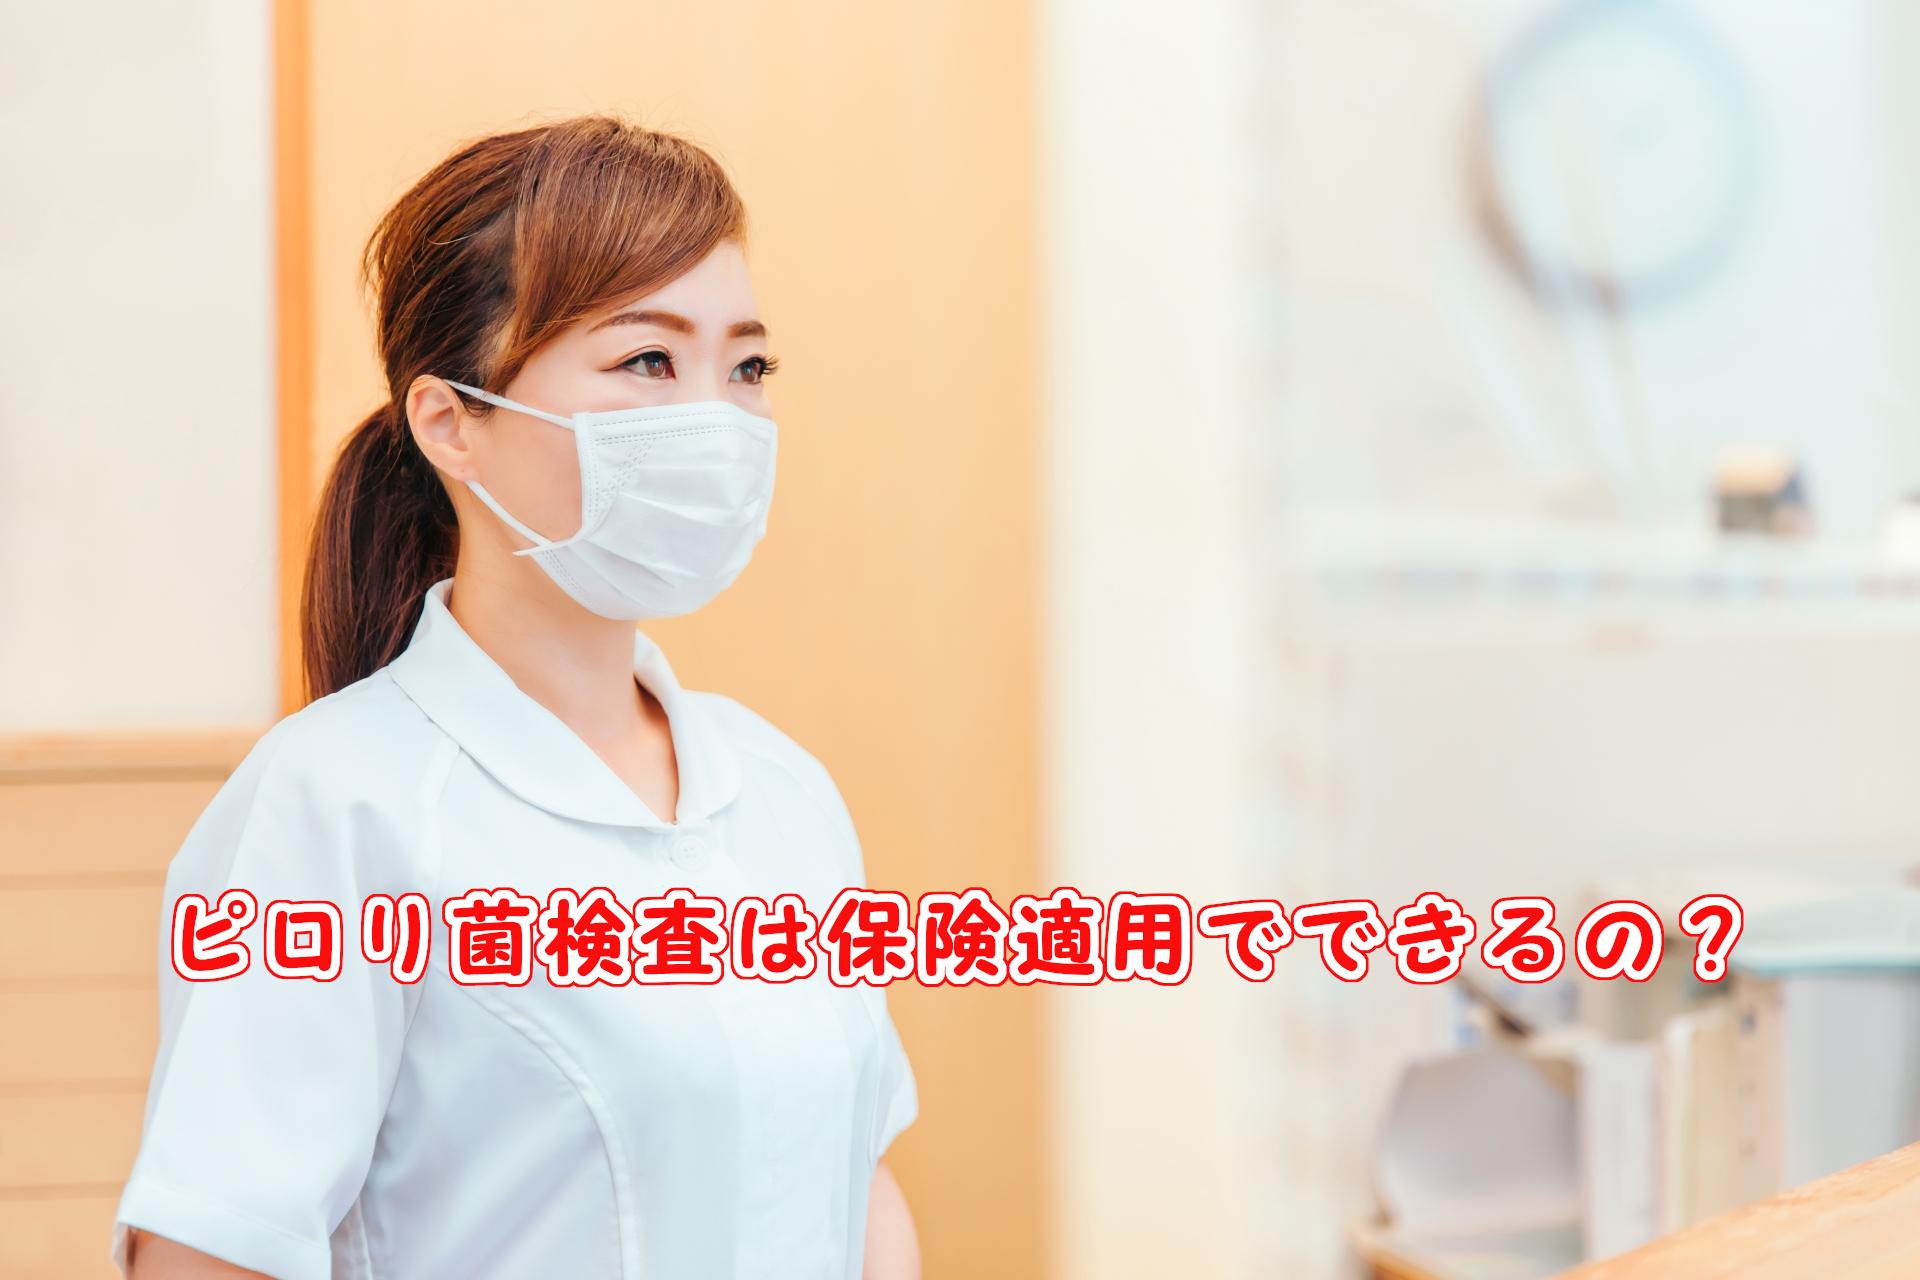 ピロリ菌検査の保険適用